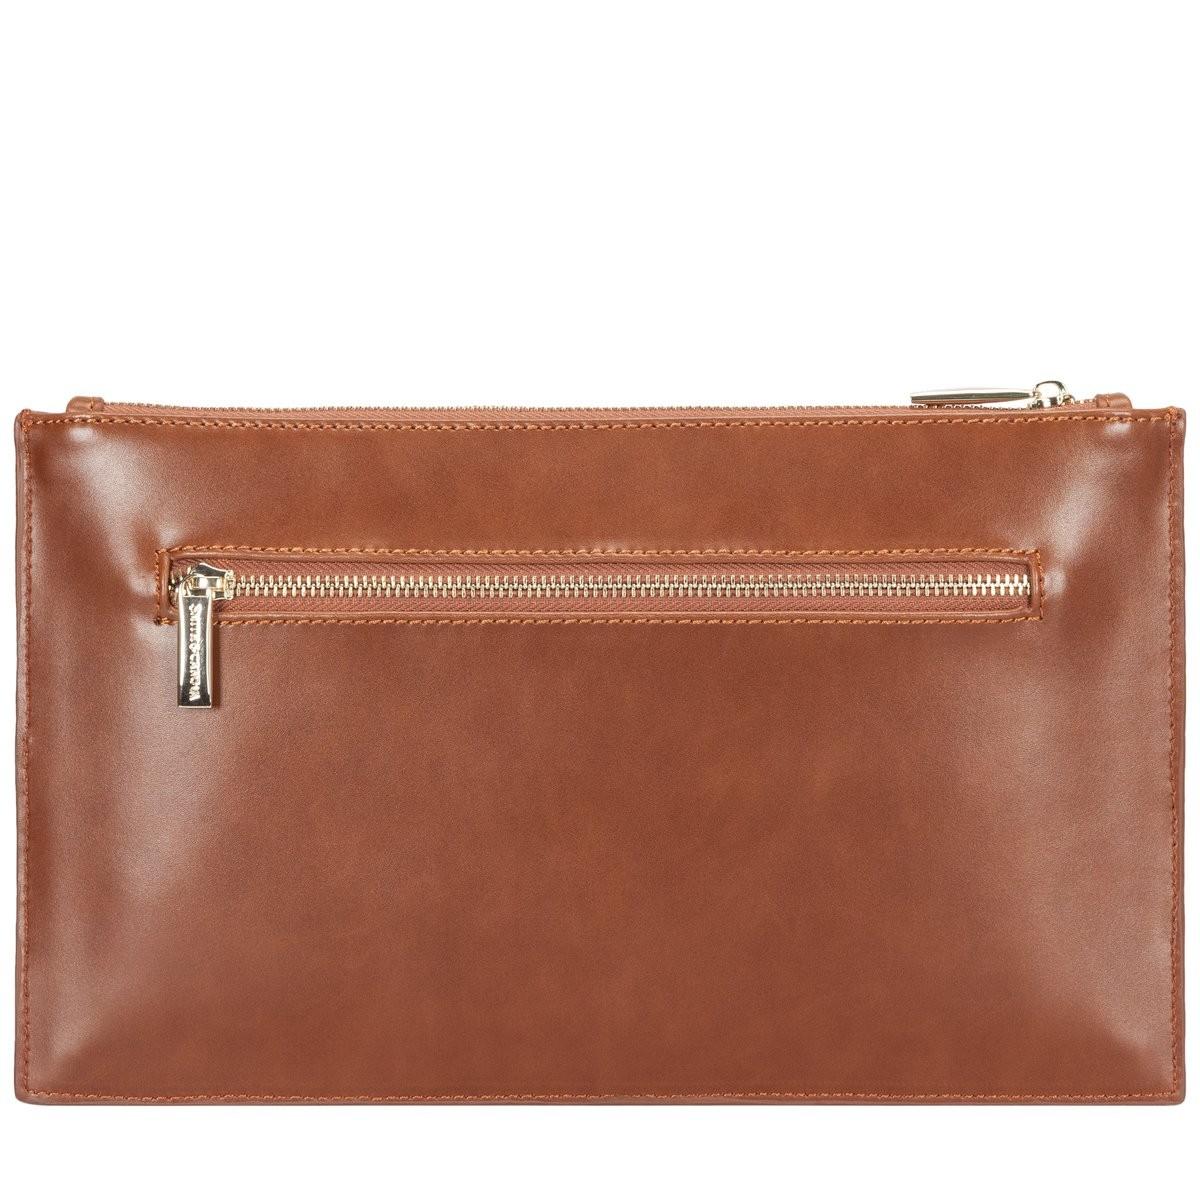 Zip Top Hand Strap Clutch Bag